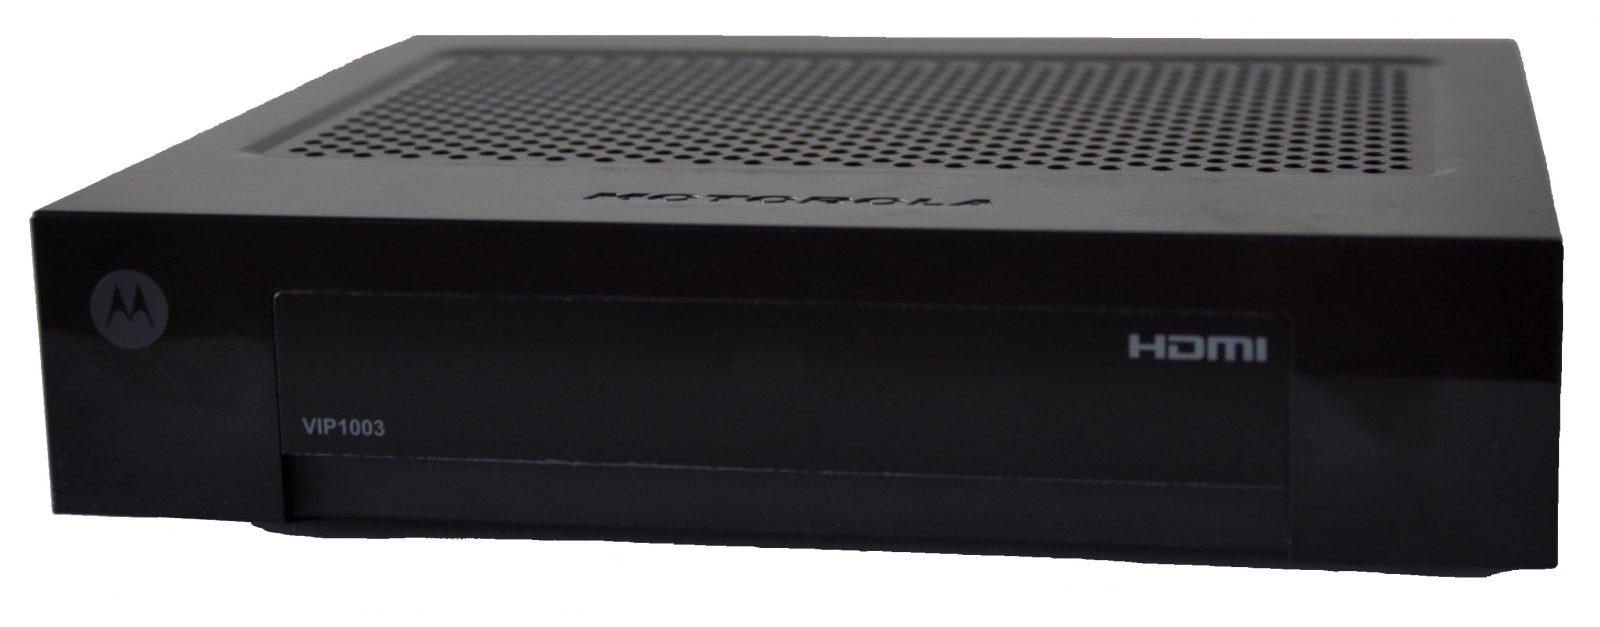 Обзор приставки Motorola VIP-1003